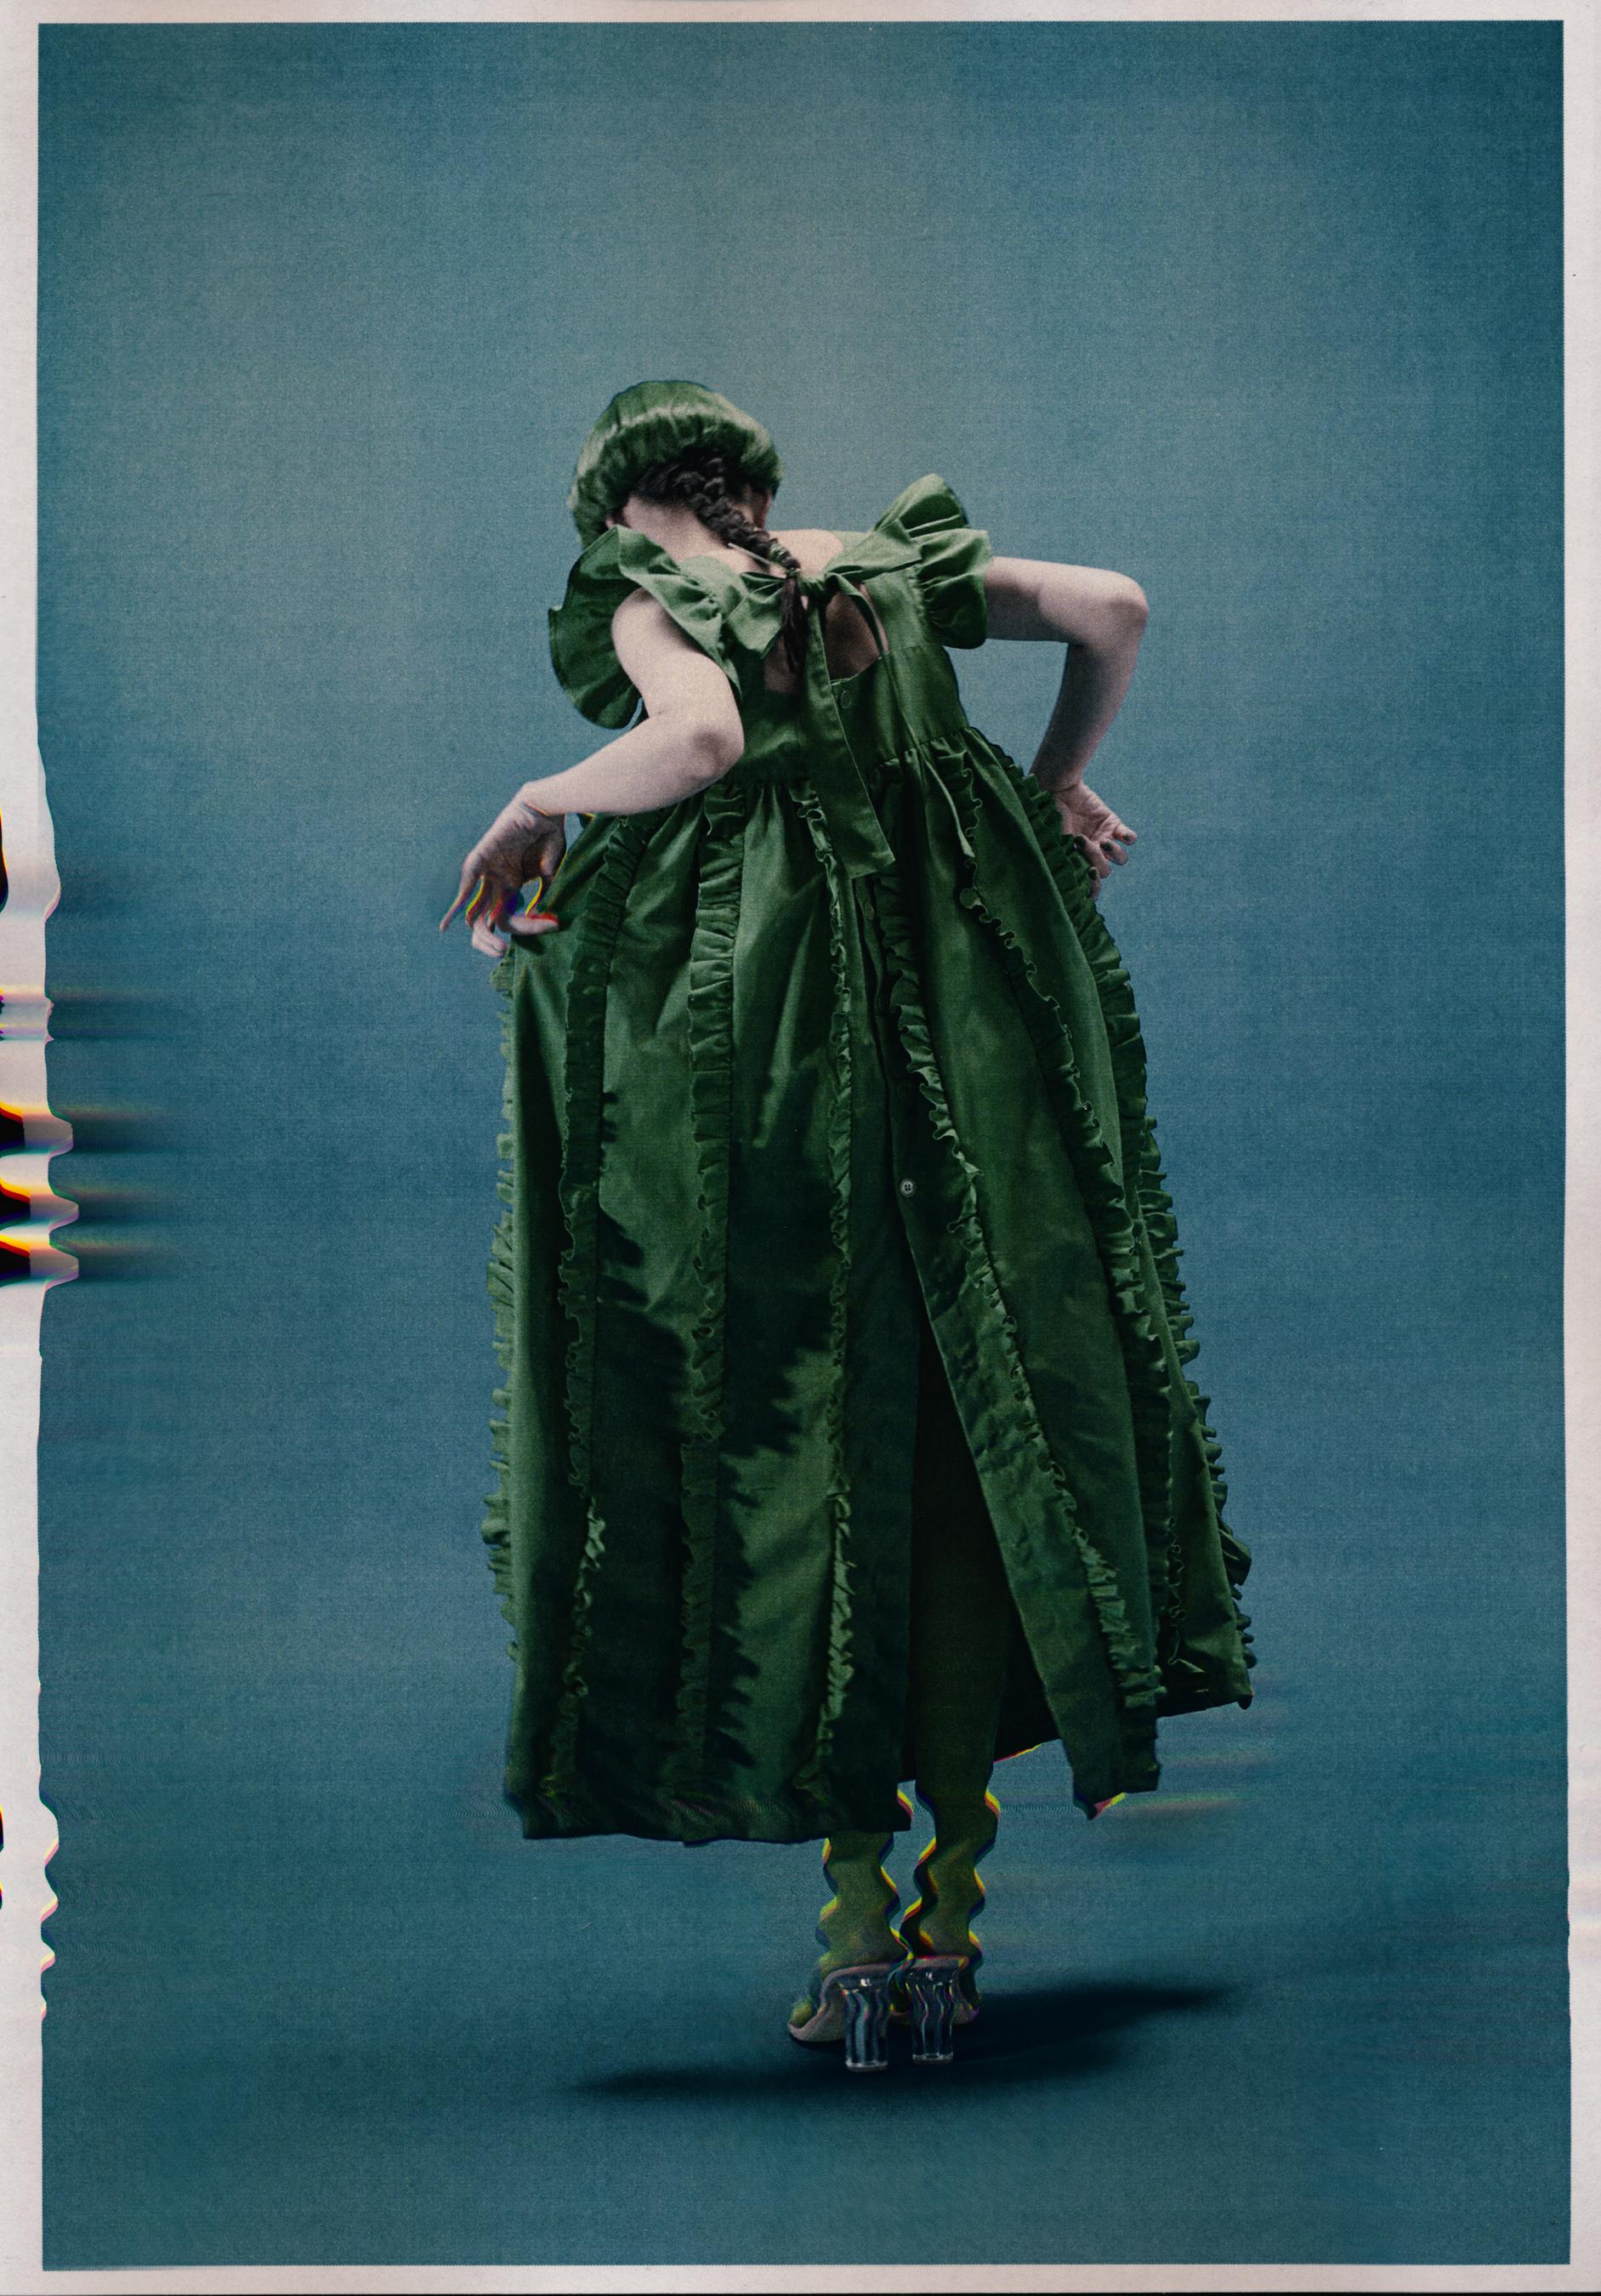 Naokitomizuka Spring 2022  Fashion Show